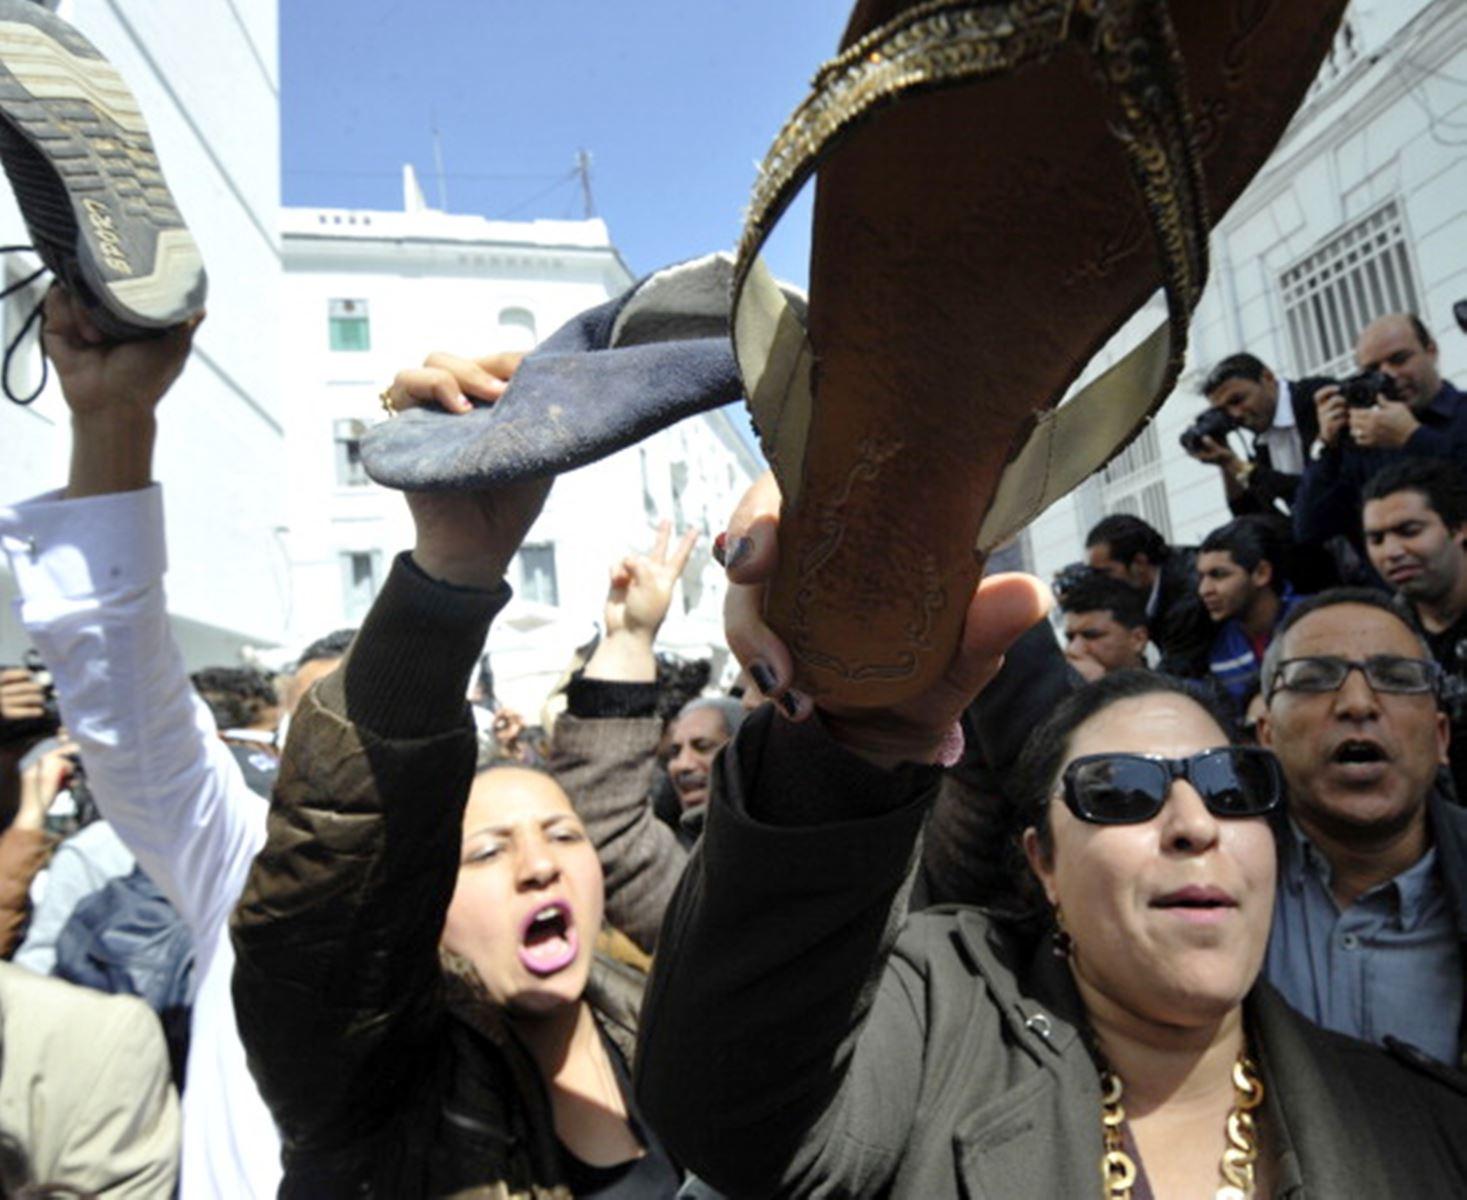 تظاهرة سابقة بالأحذية أمام مقر وزارة المرأة التونسية